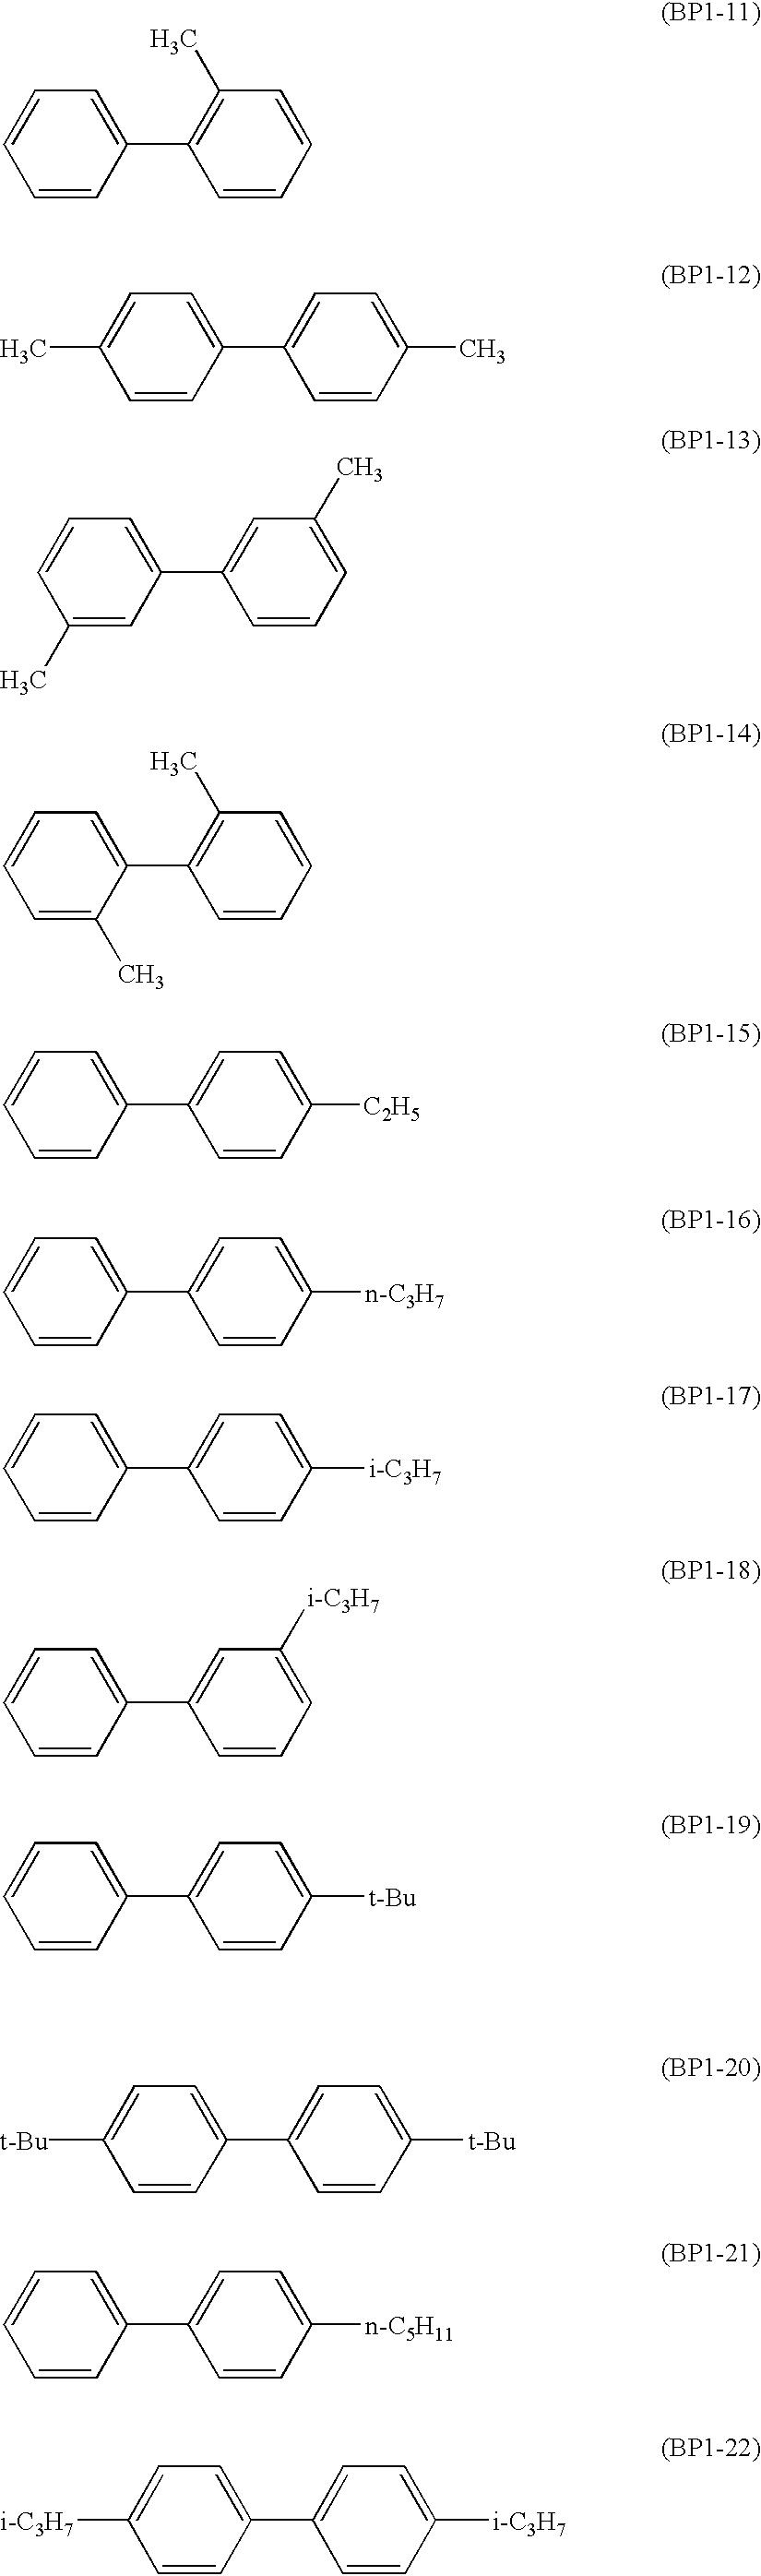 Figure US06485873-20021126-C00021